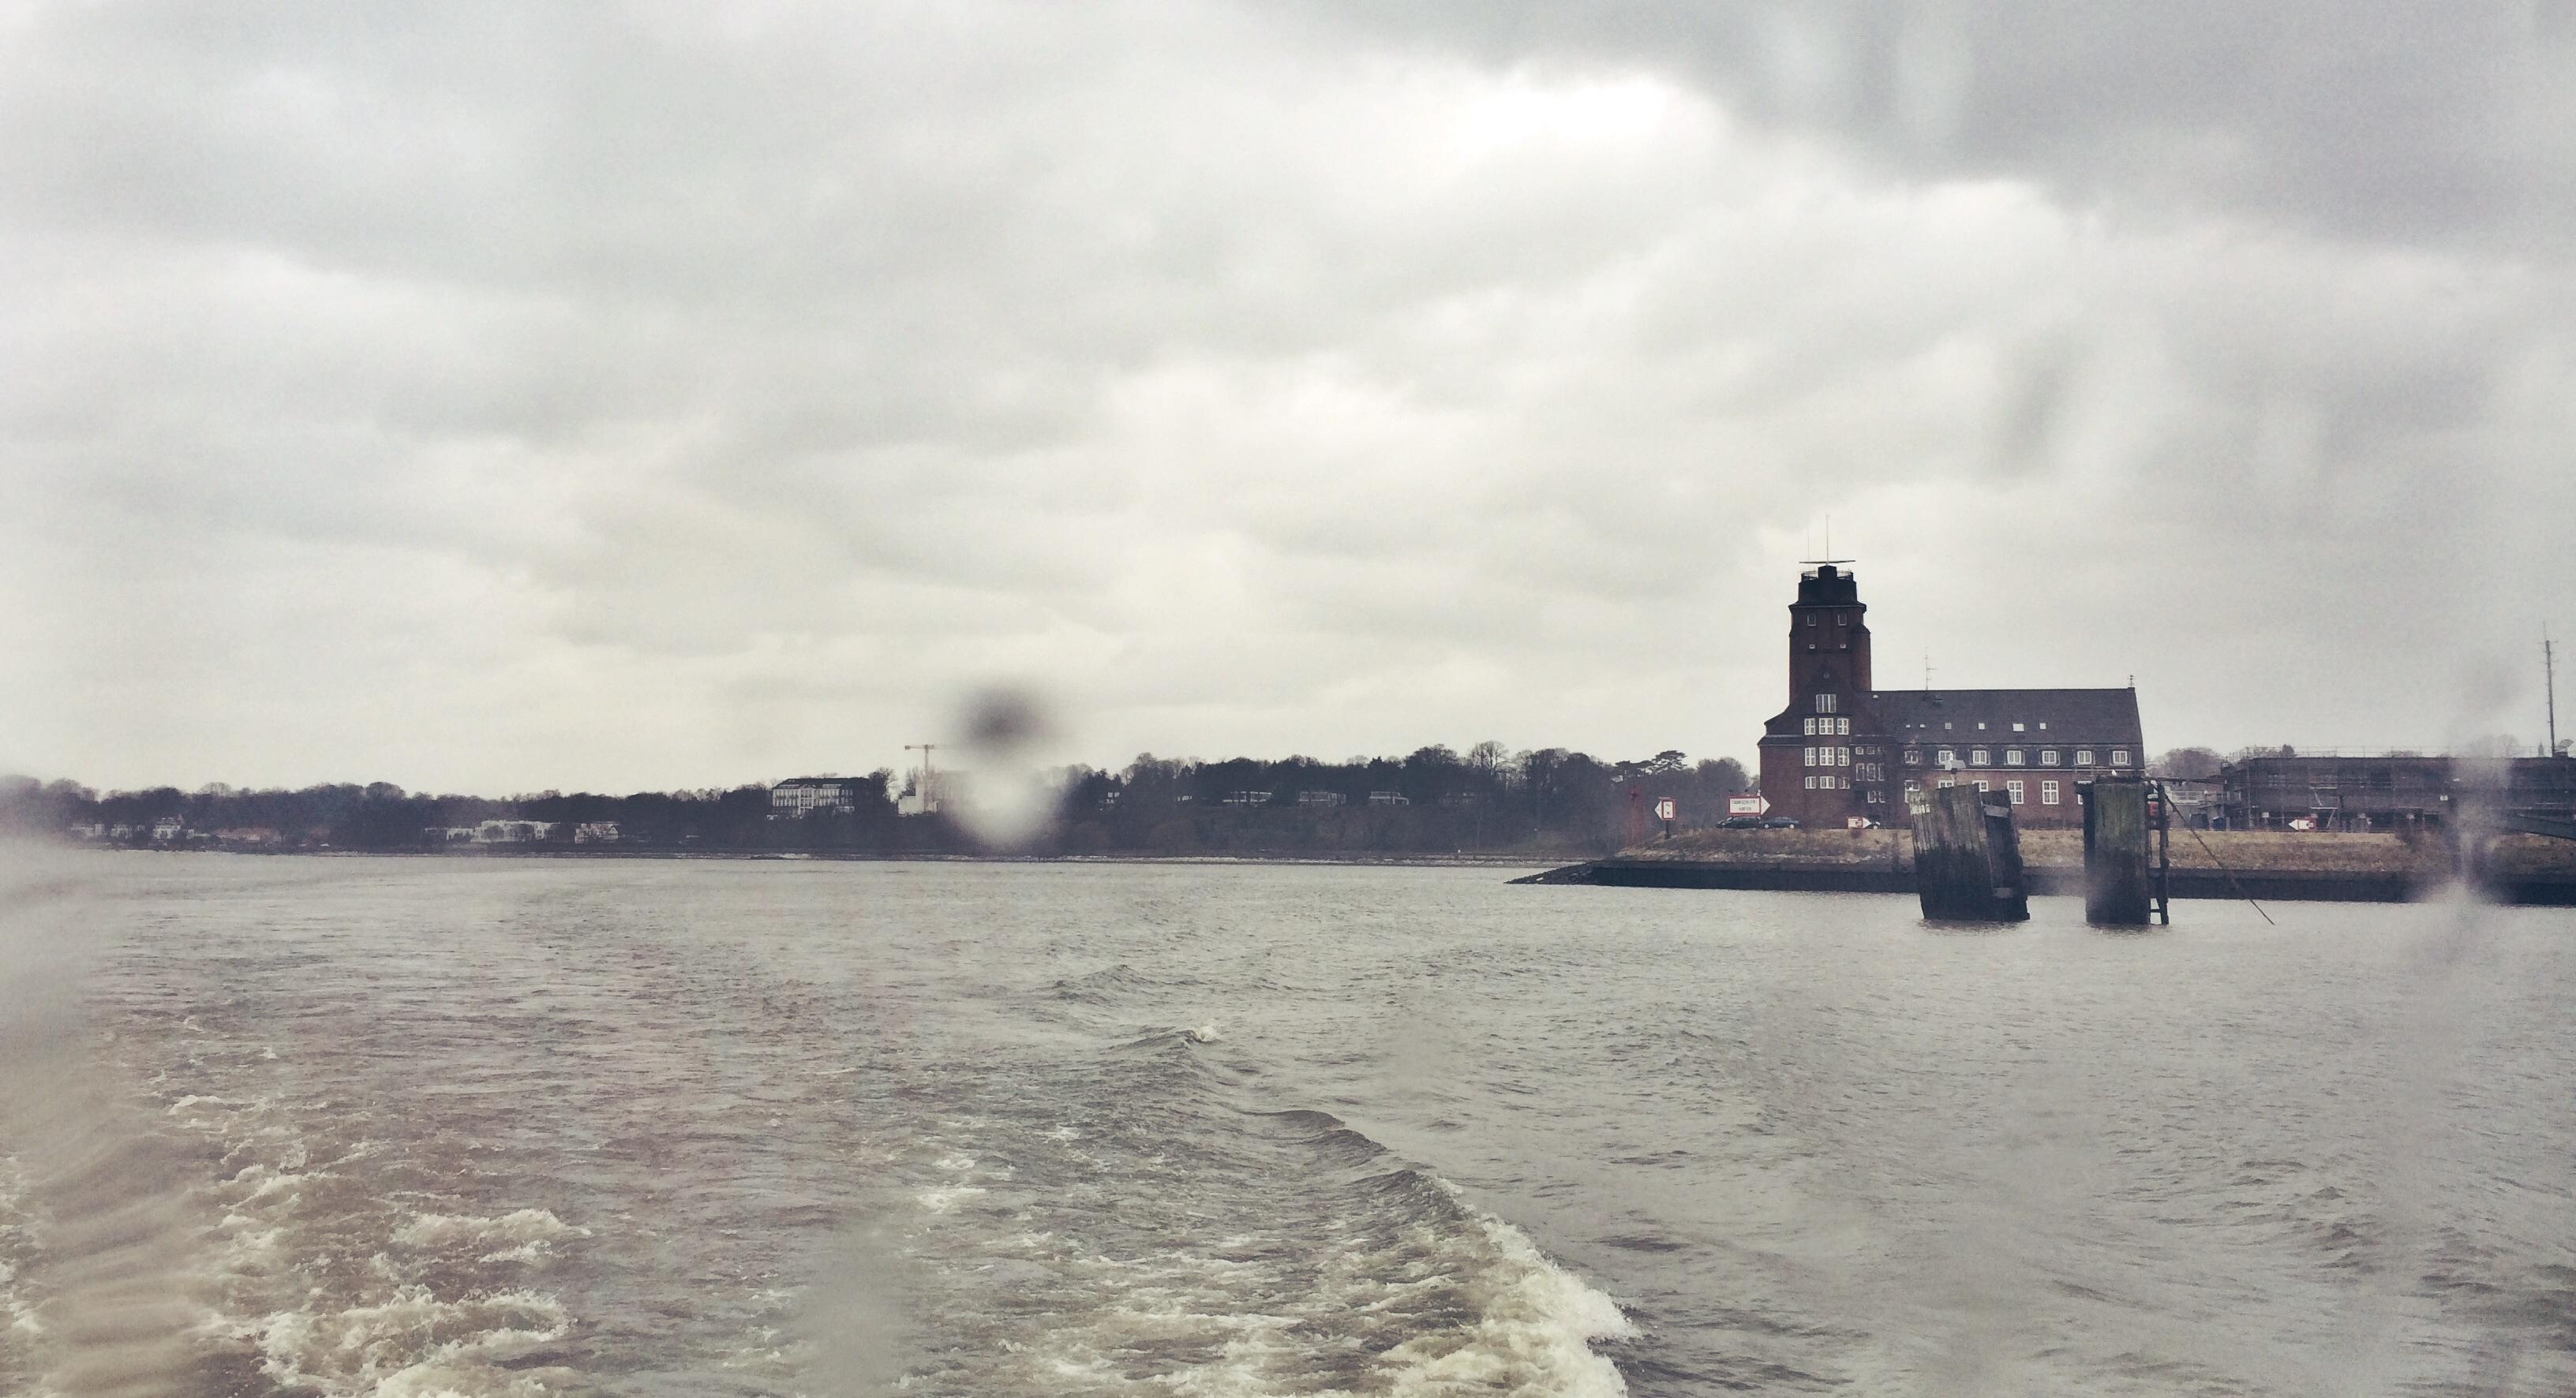 Hamburg Hafen_ Isabell Klatt WE ARE RECKLESS